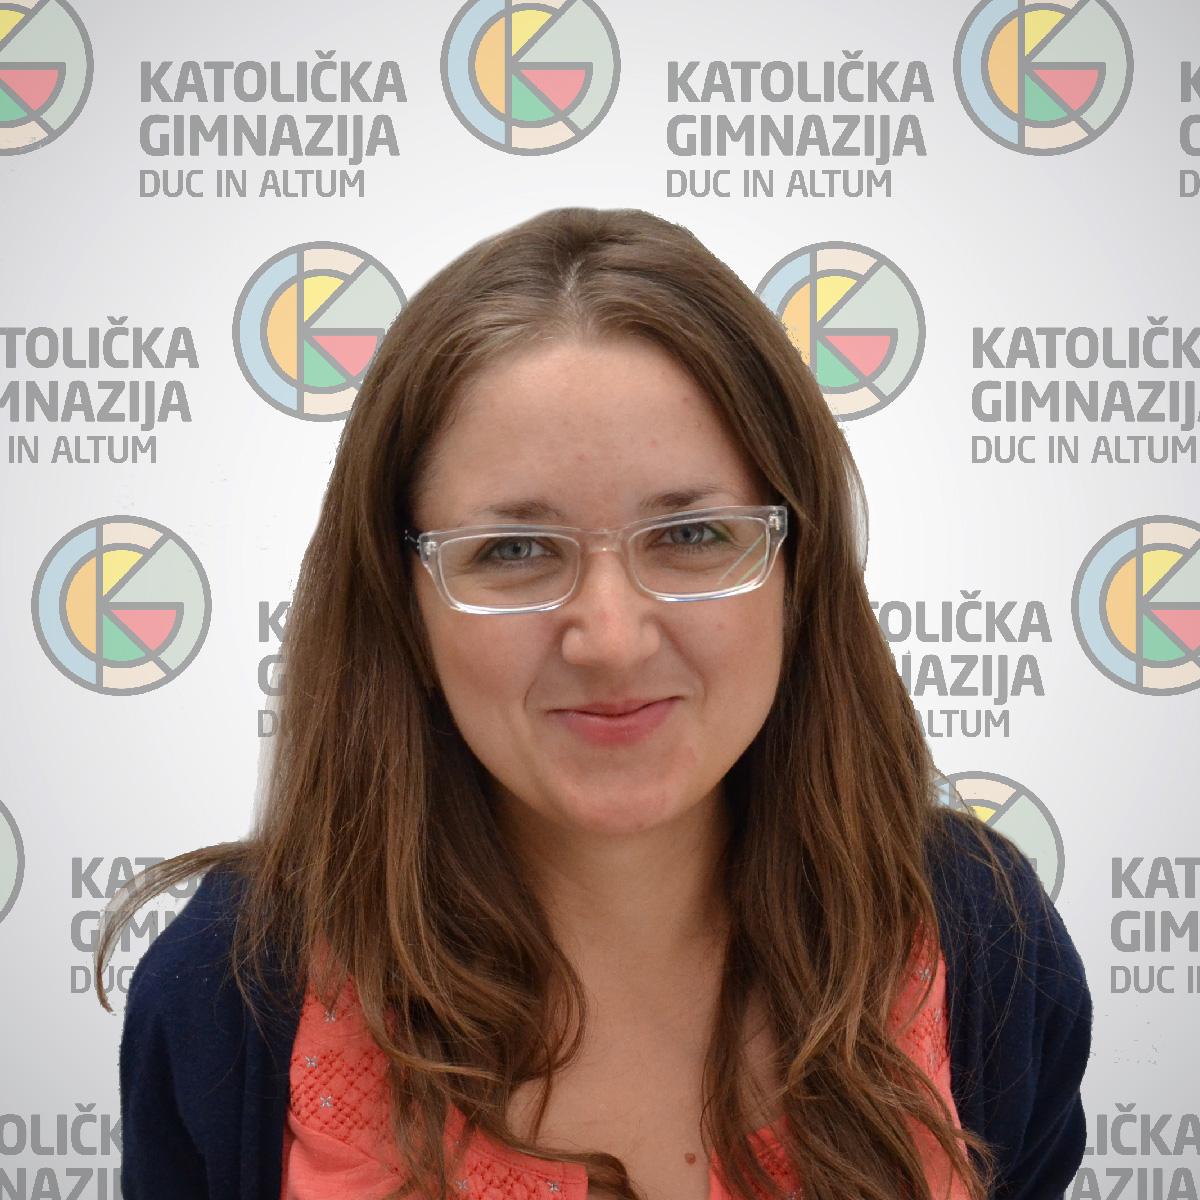 Kristina Bratić